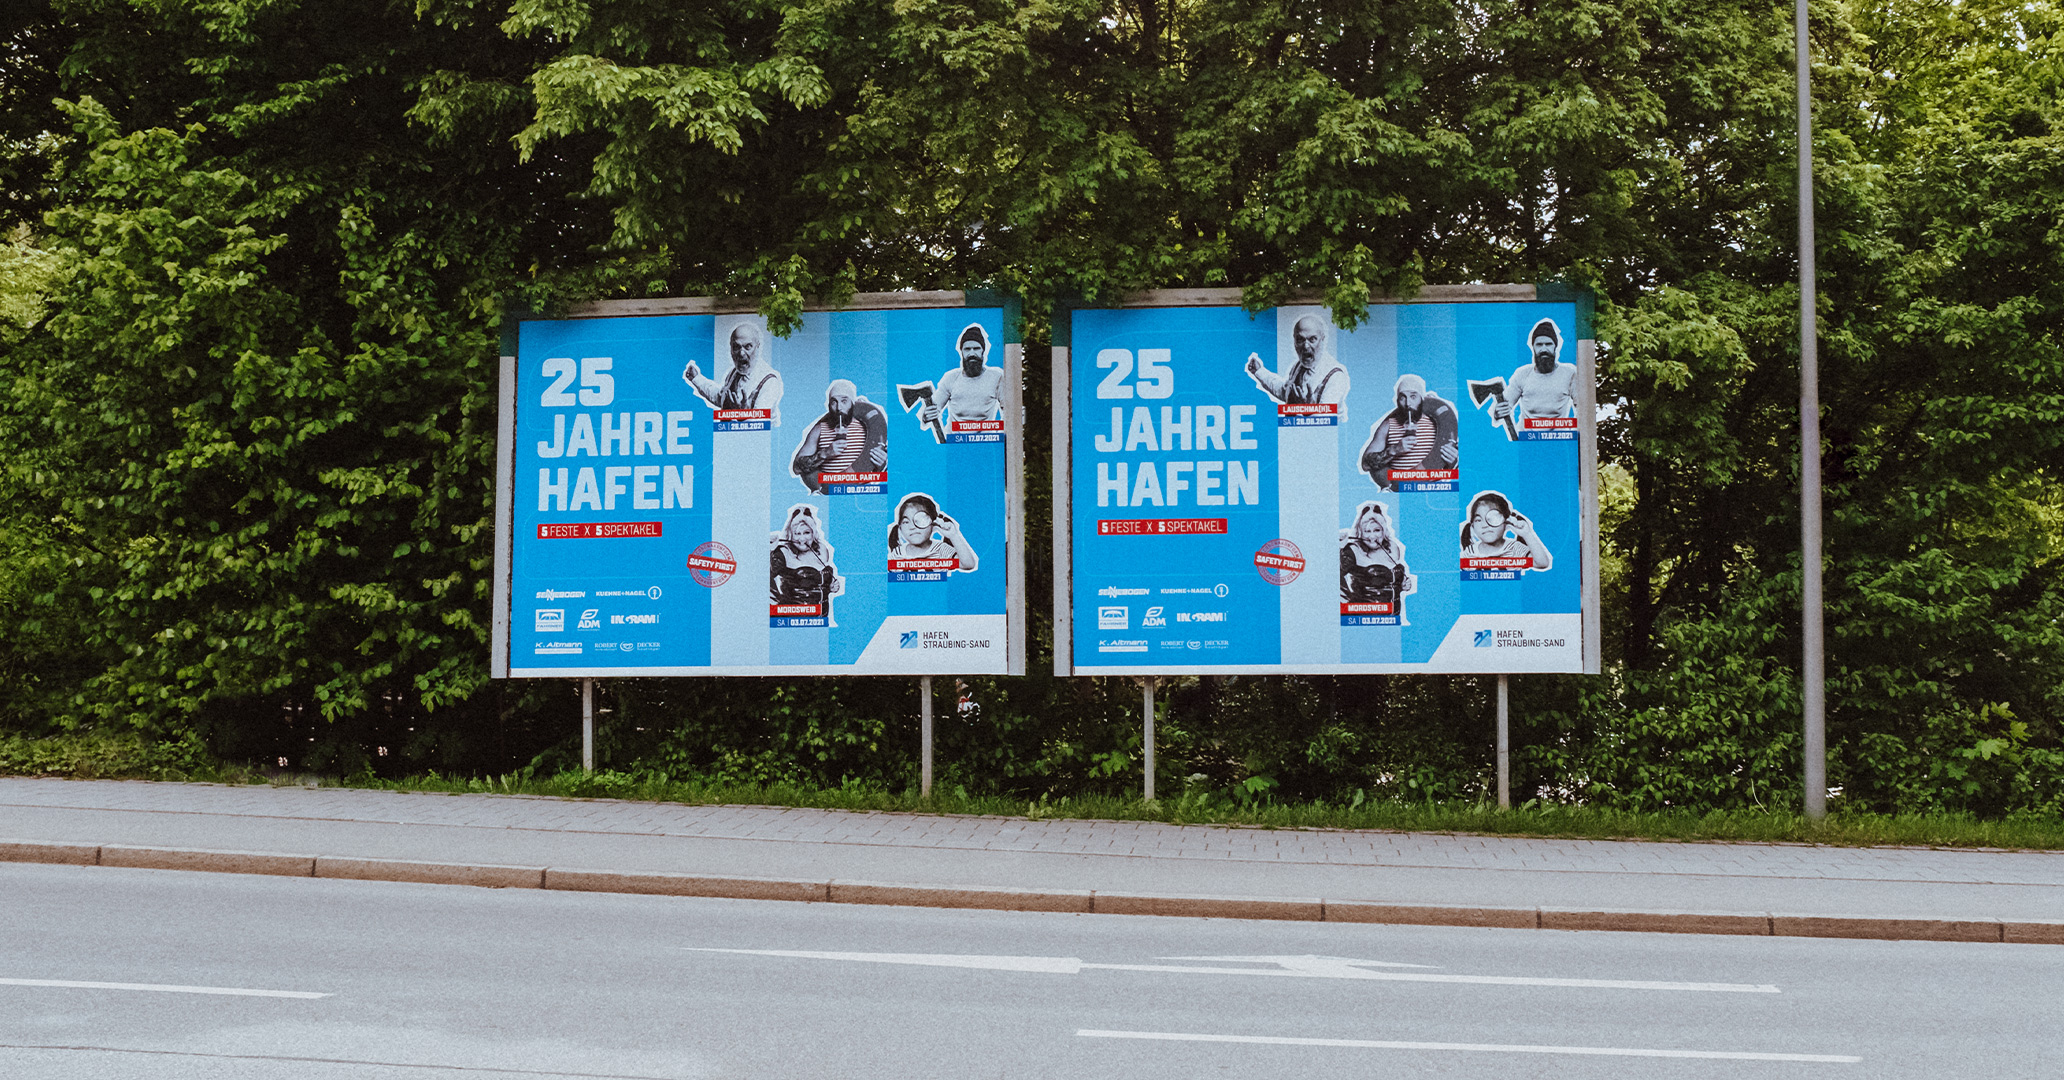 teamElgato News – 25 Jahre Hafen Straubing-Sand